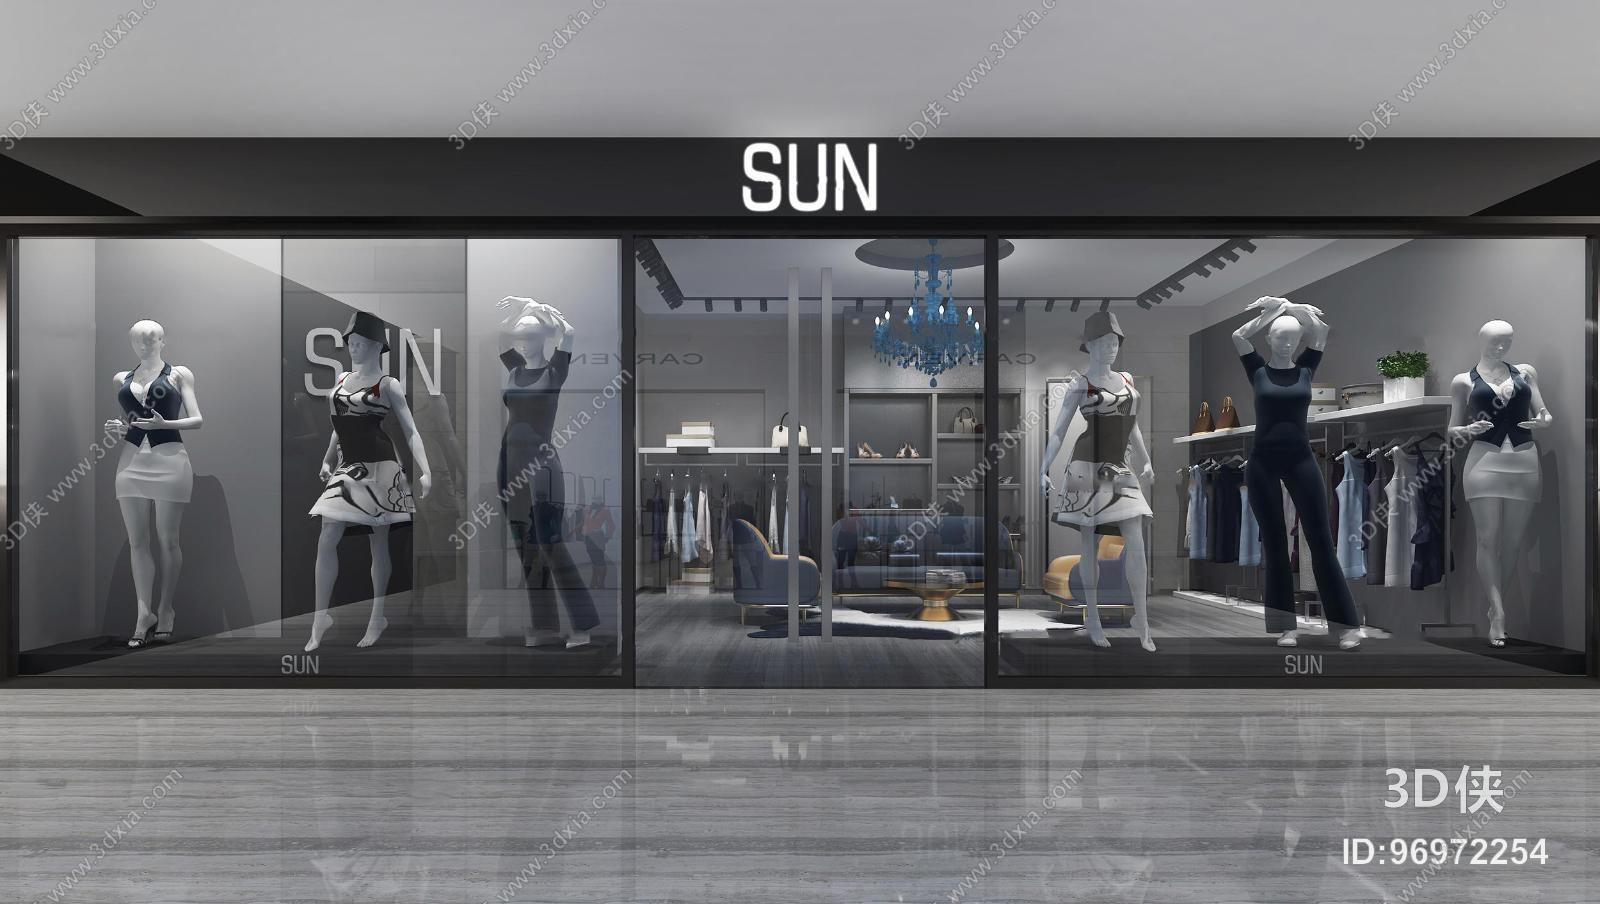 效果图素材免费下载,本作品主题是现代服装店门面3d模型,编号是